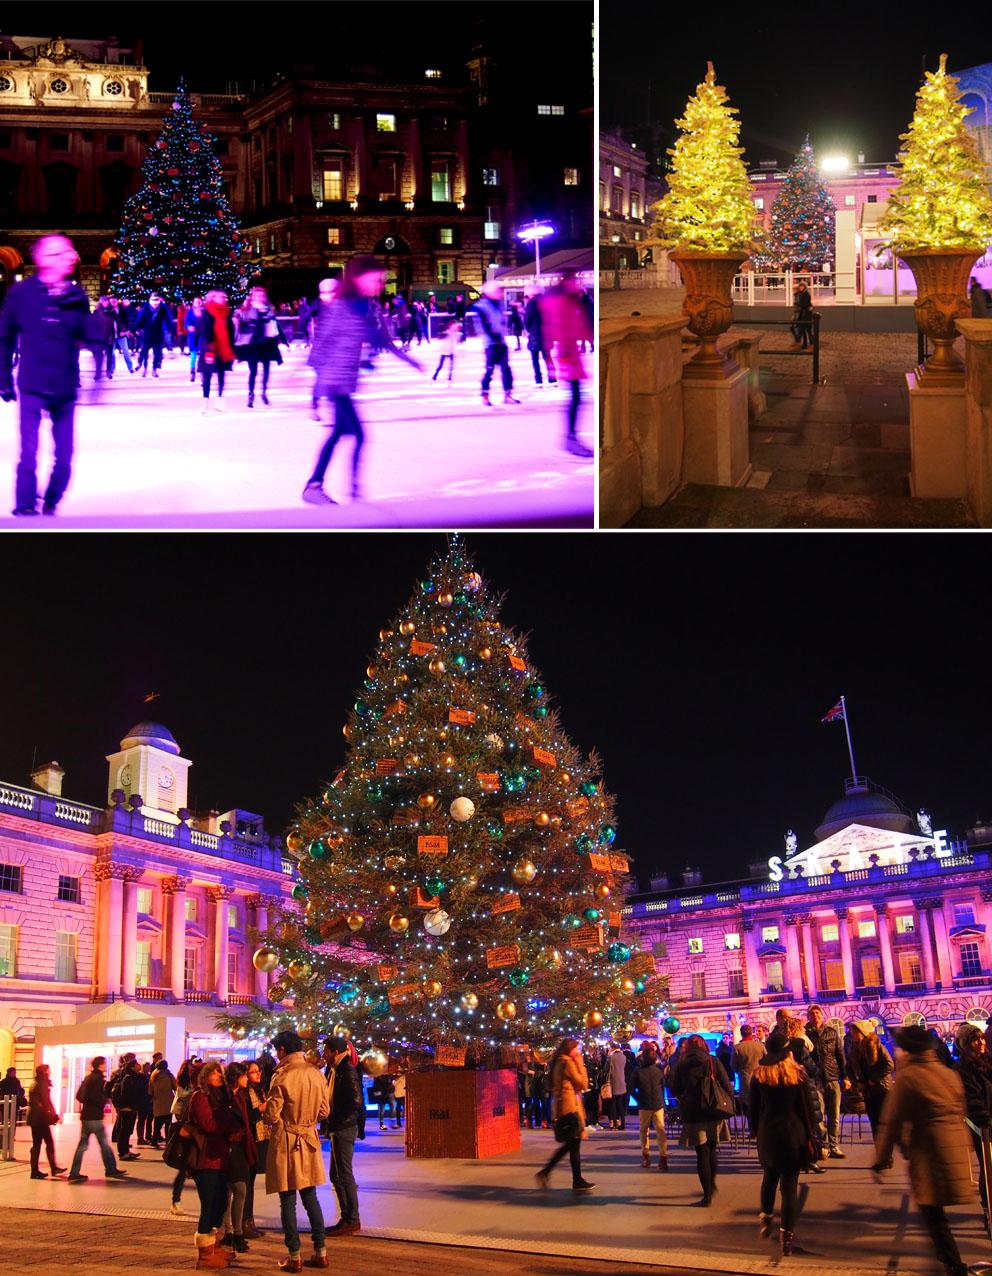 Patinar sobre hielo en Londres en Navidad SOmerset